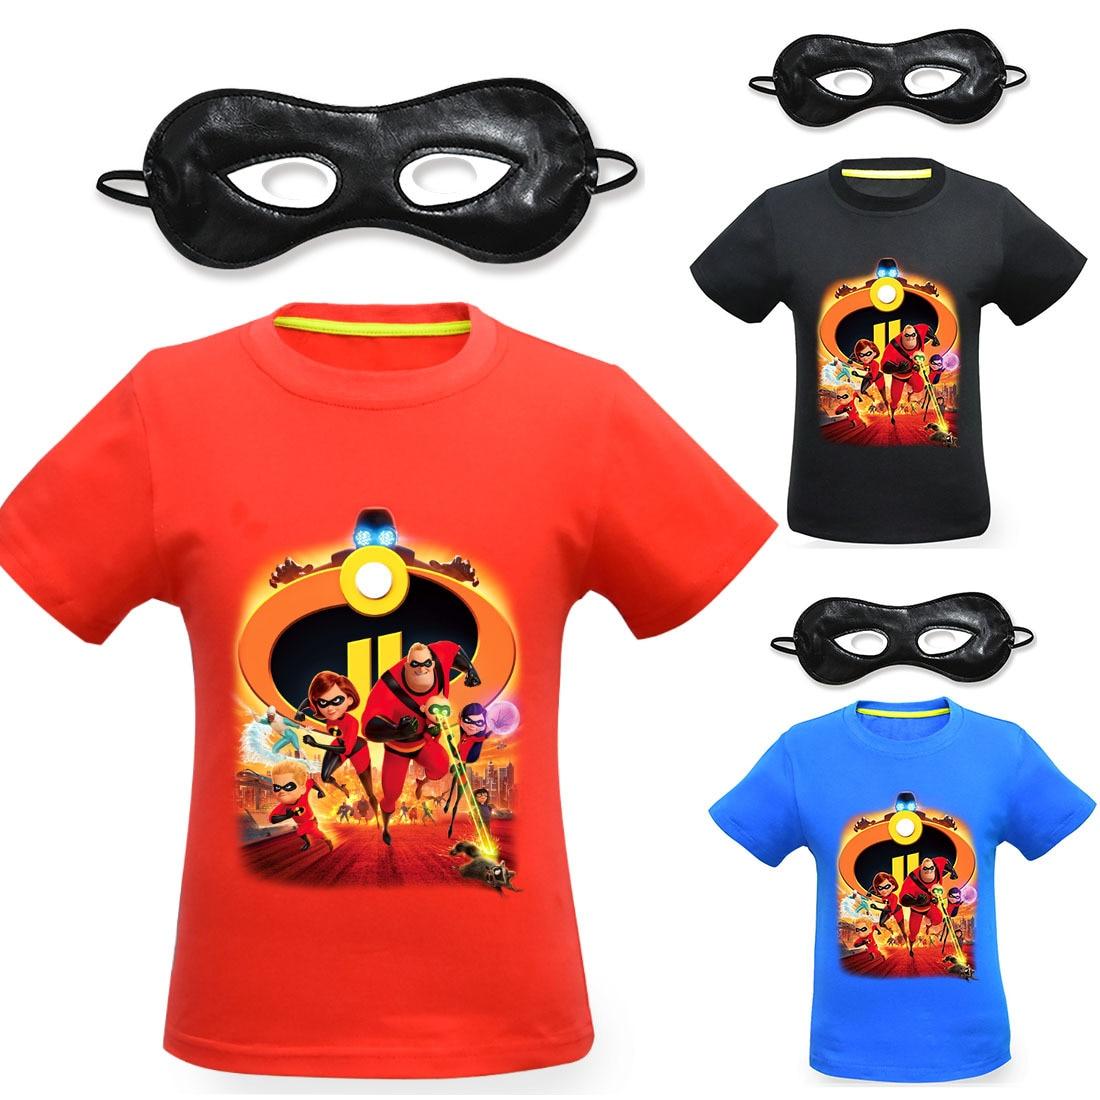 100% QualitäT 2018 Junge Sommer Die Unglaublichen T-shirt Bob Helen Jack Dash Sweat Shirt Kinder Kinder Marke Top T Shirt Menino Kinder Kostüm